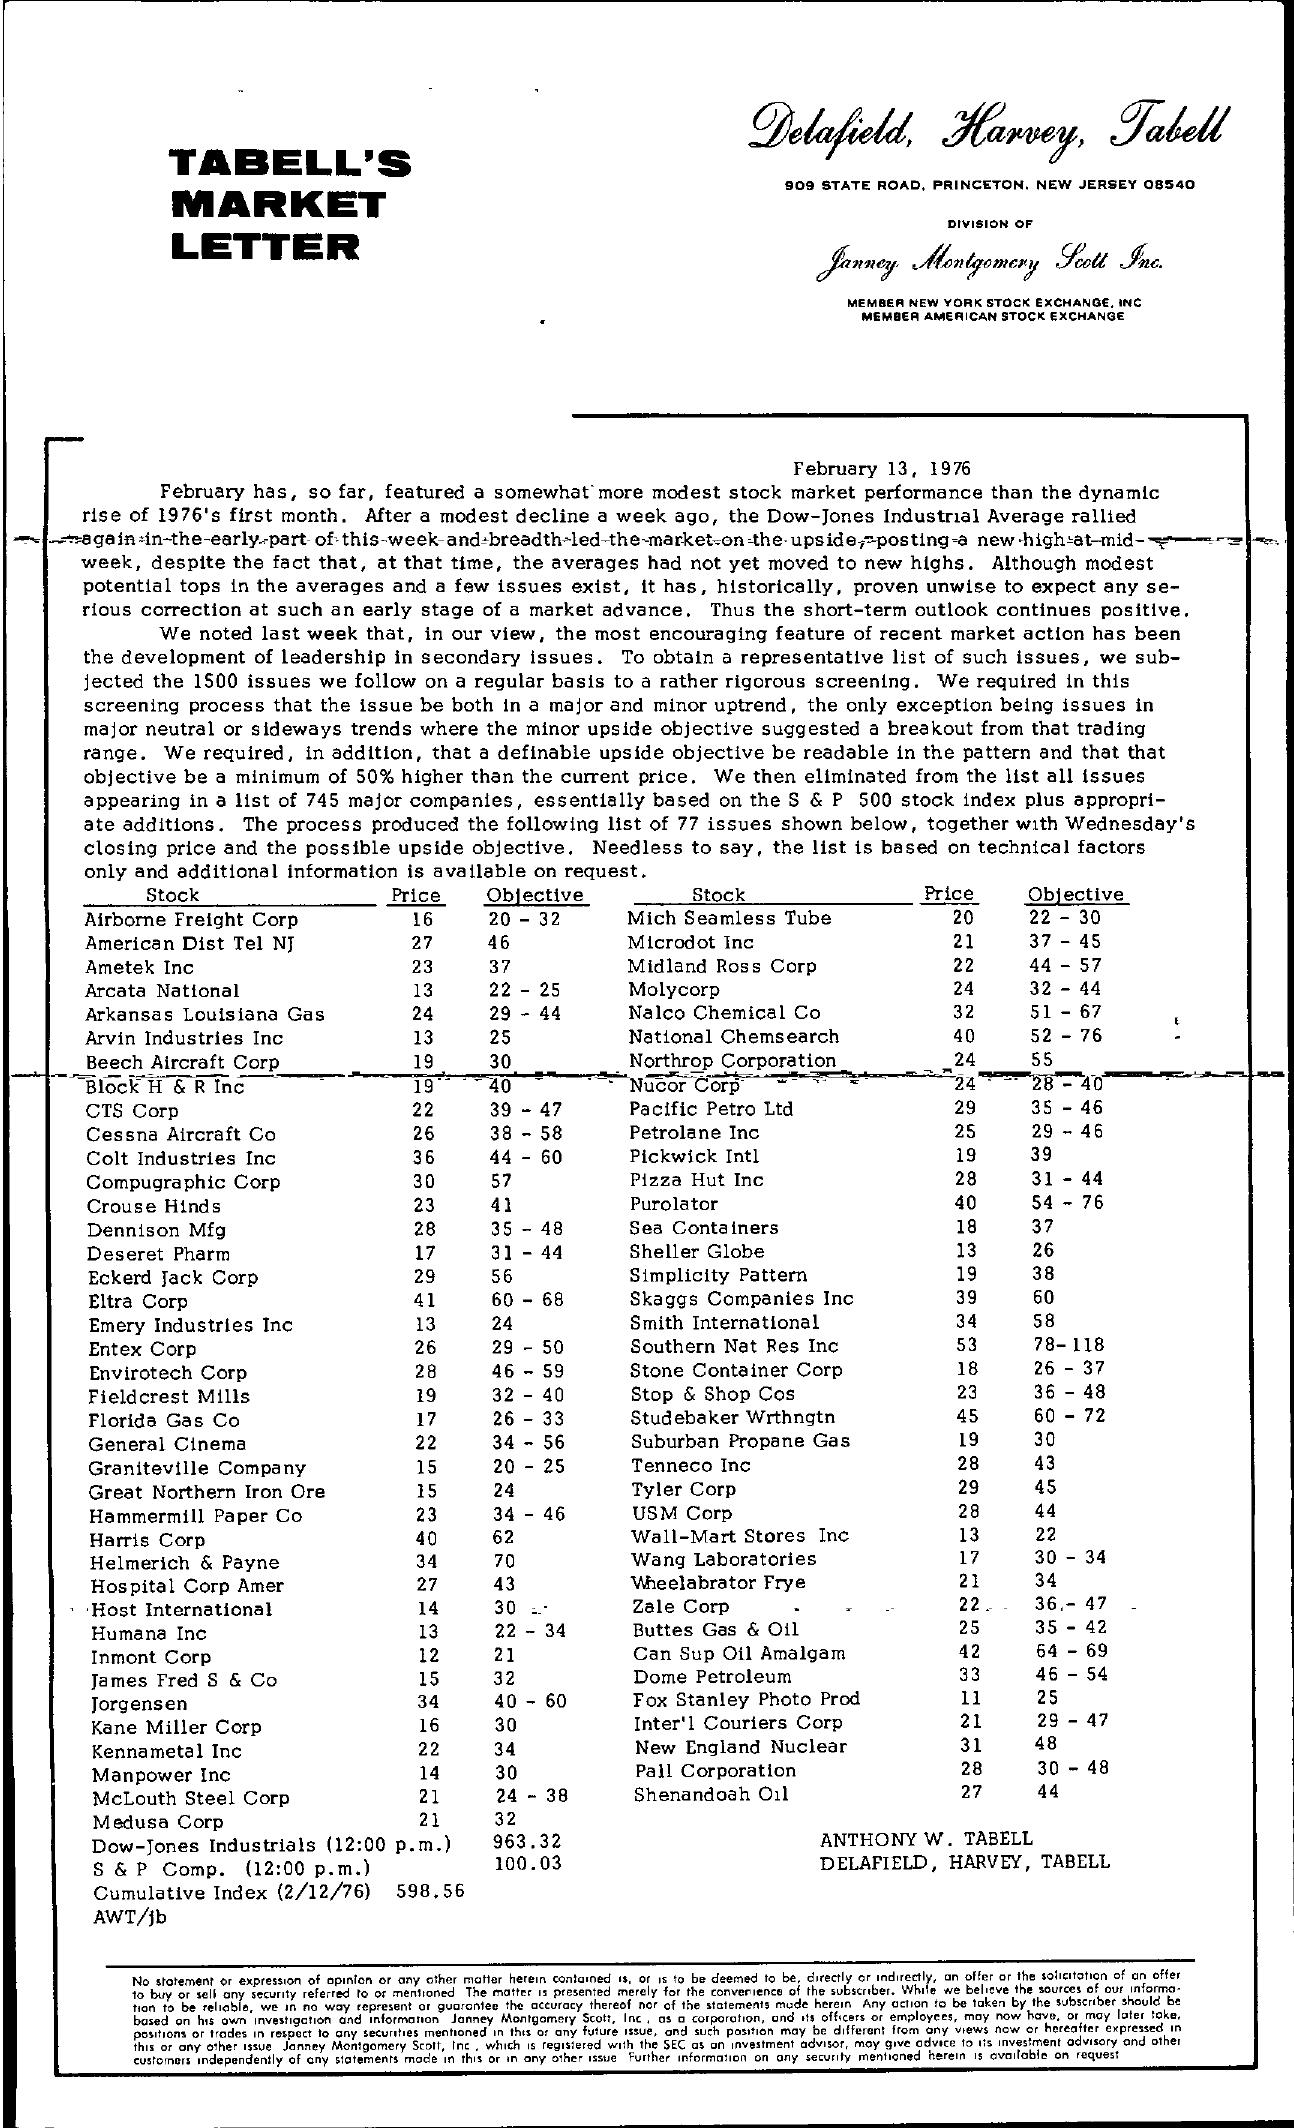 Tabell's Market Letter - February 13, 1976